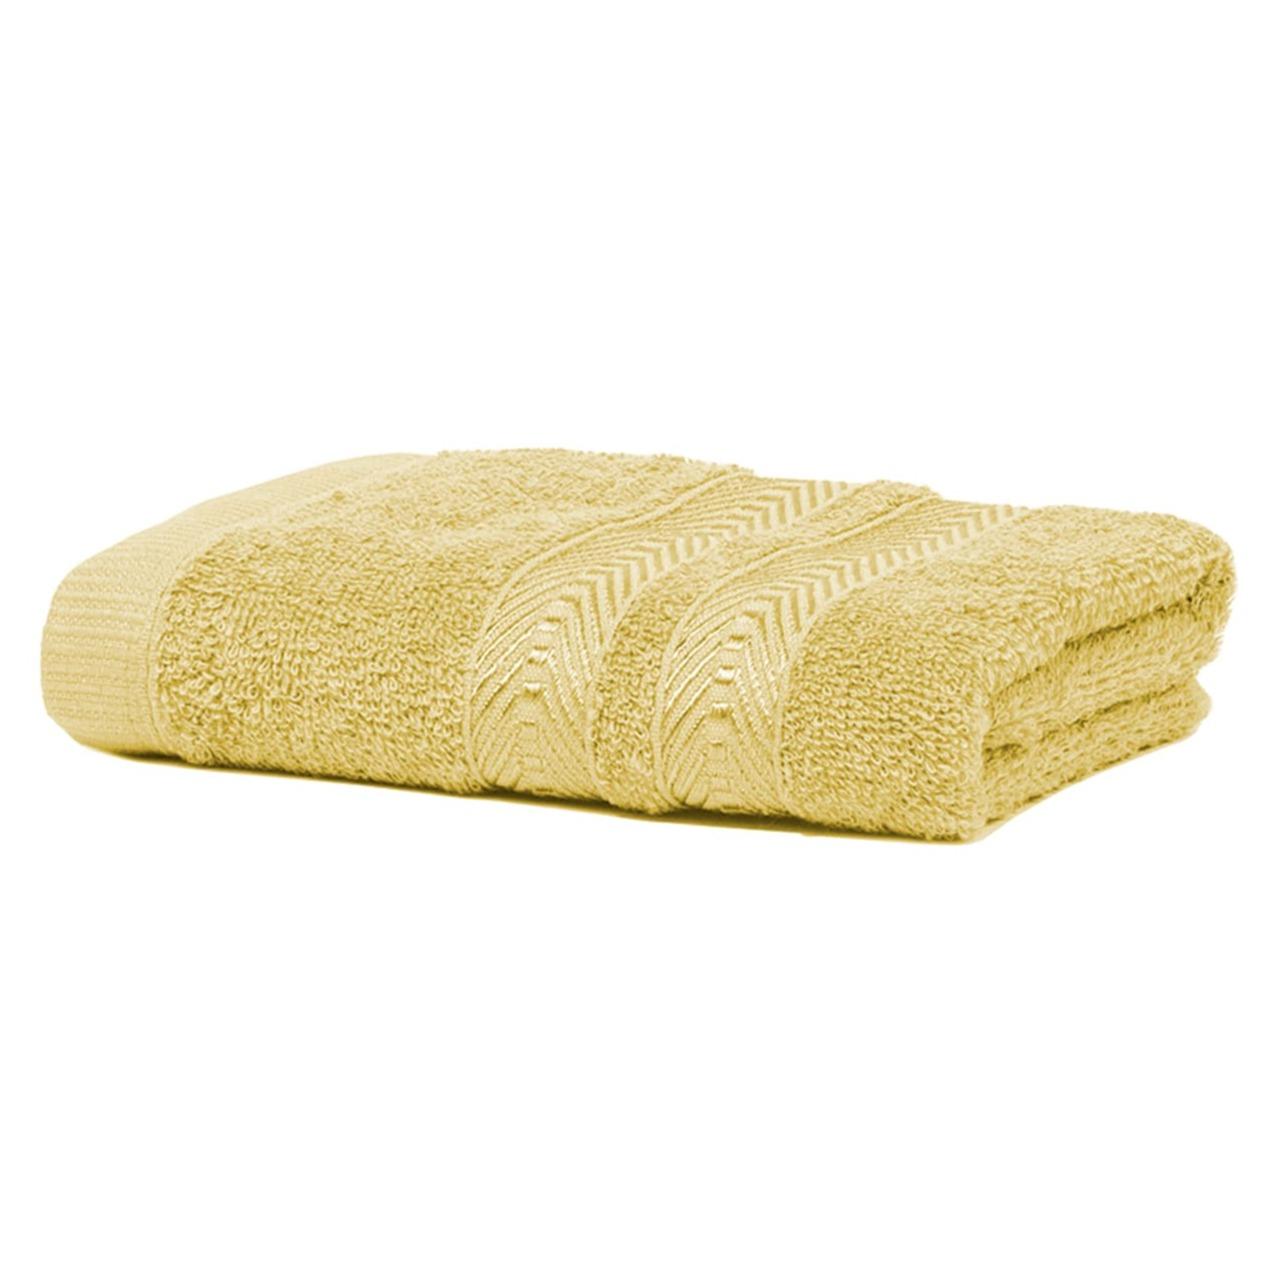 Toalha De Rosto Color 100 Algodao 41 X 70 Cm Amarelo - Artex